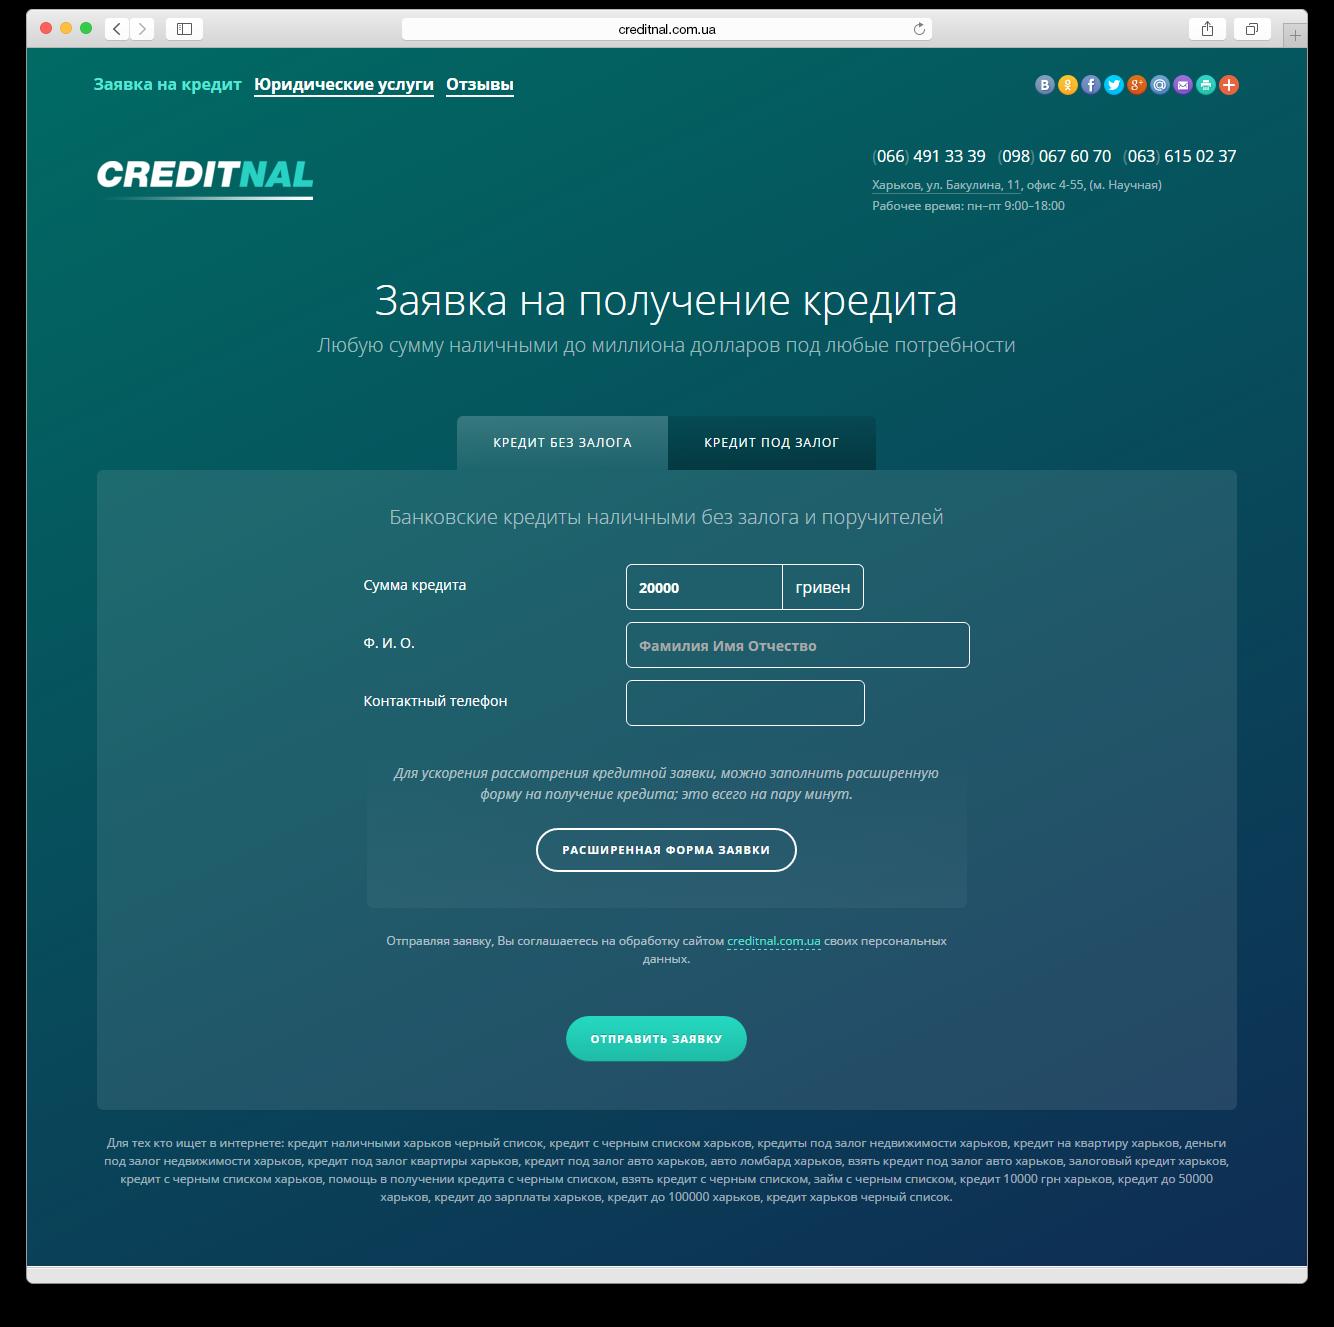 creditnal.com.ua (2 версия) — главная страница с формой заявки на кредит без залога